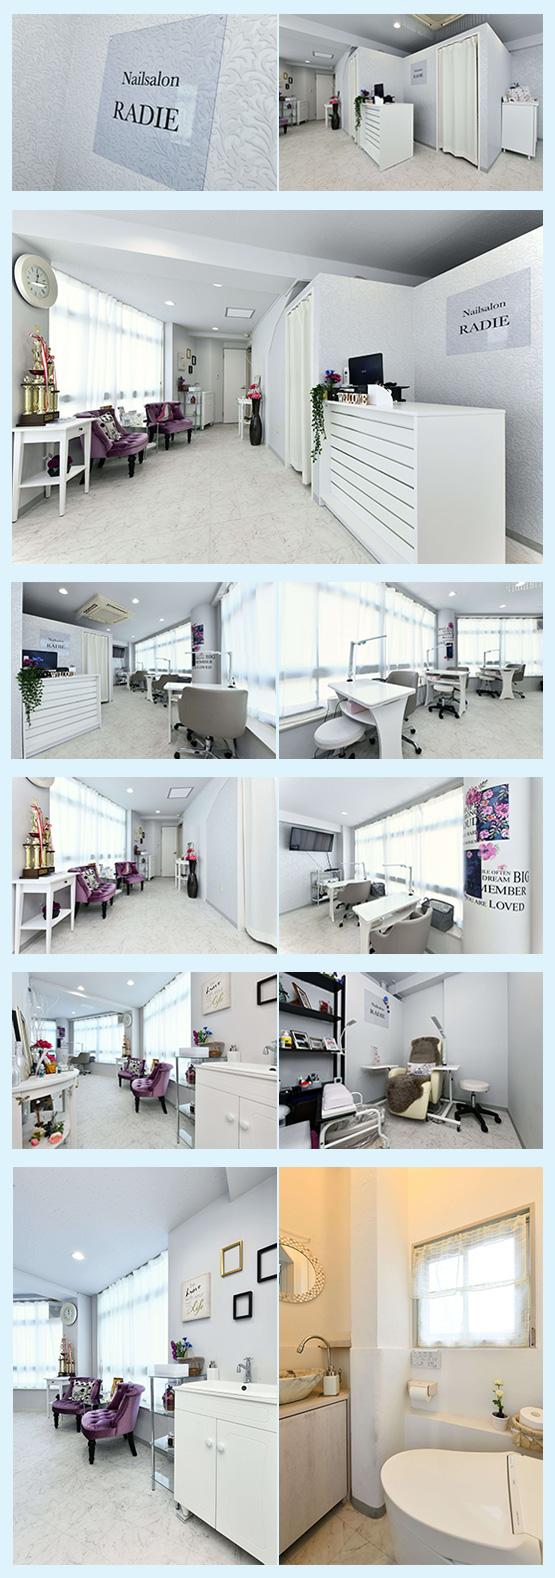 美容室・サロン・エステ 内装デザイン事例30